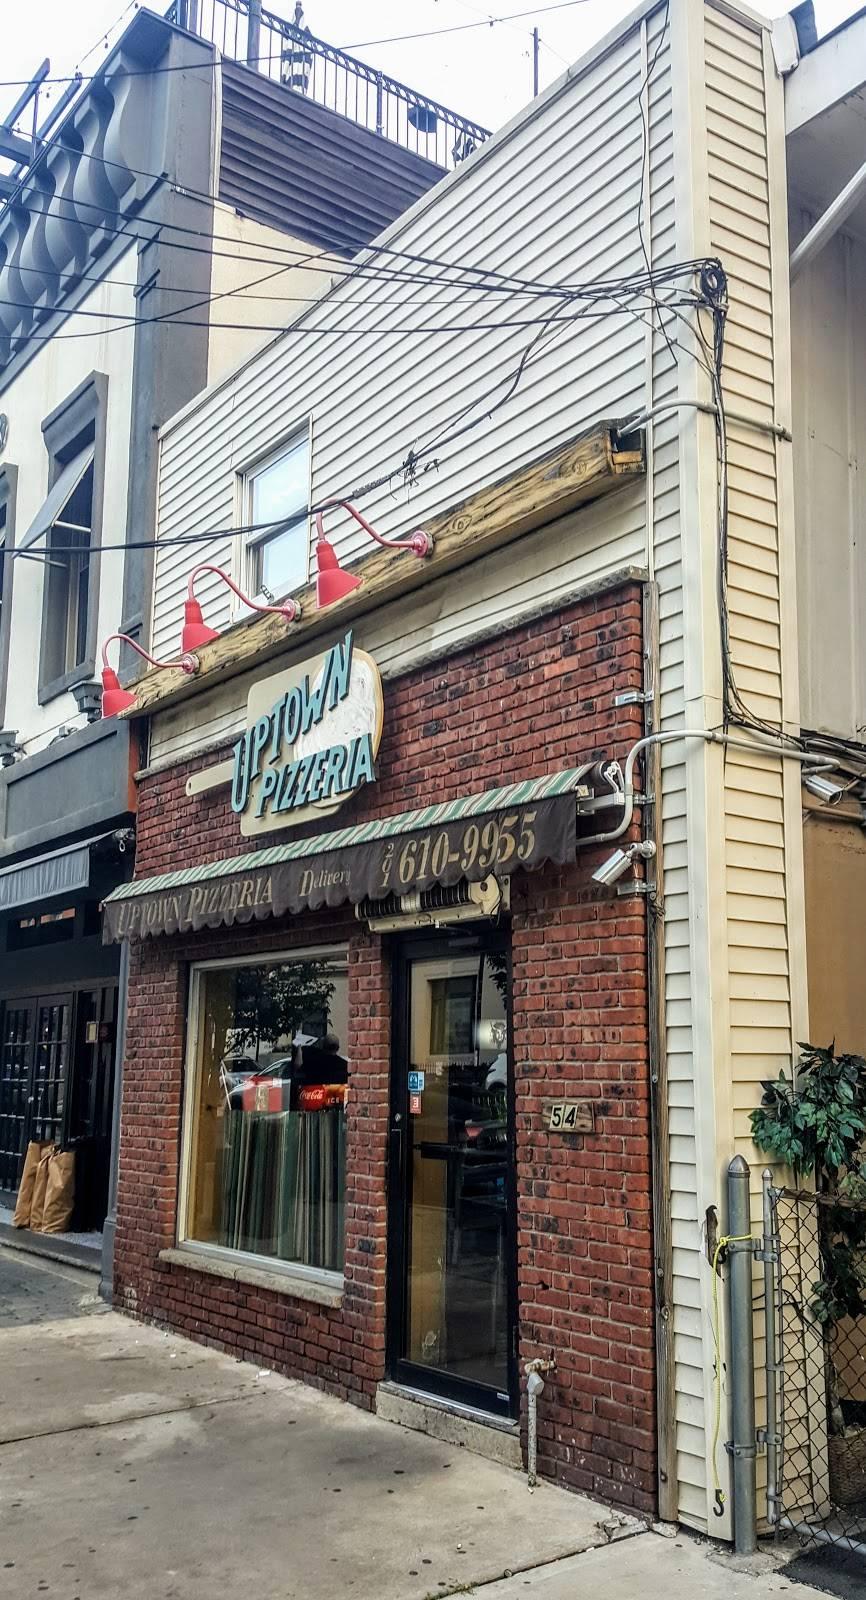 Uptown Pizzeria | restaurant | 54 14th St, Hoboken, NJ 07030, USA | 2016109955 OR +1 201-610-9955